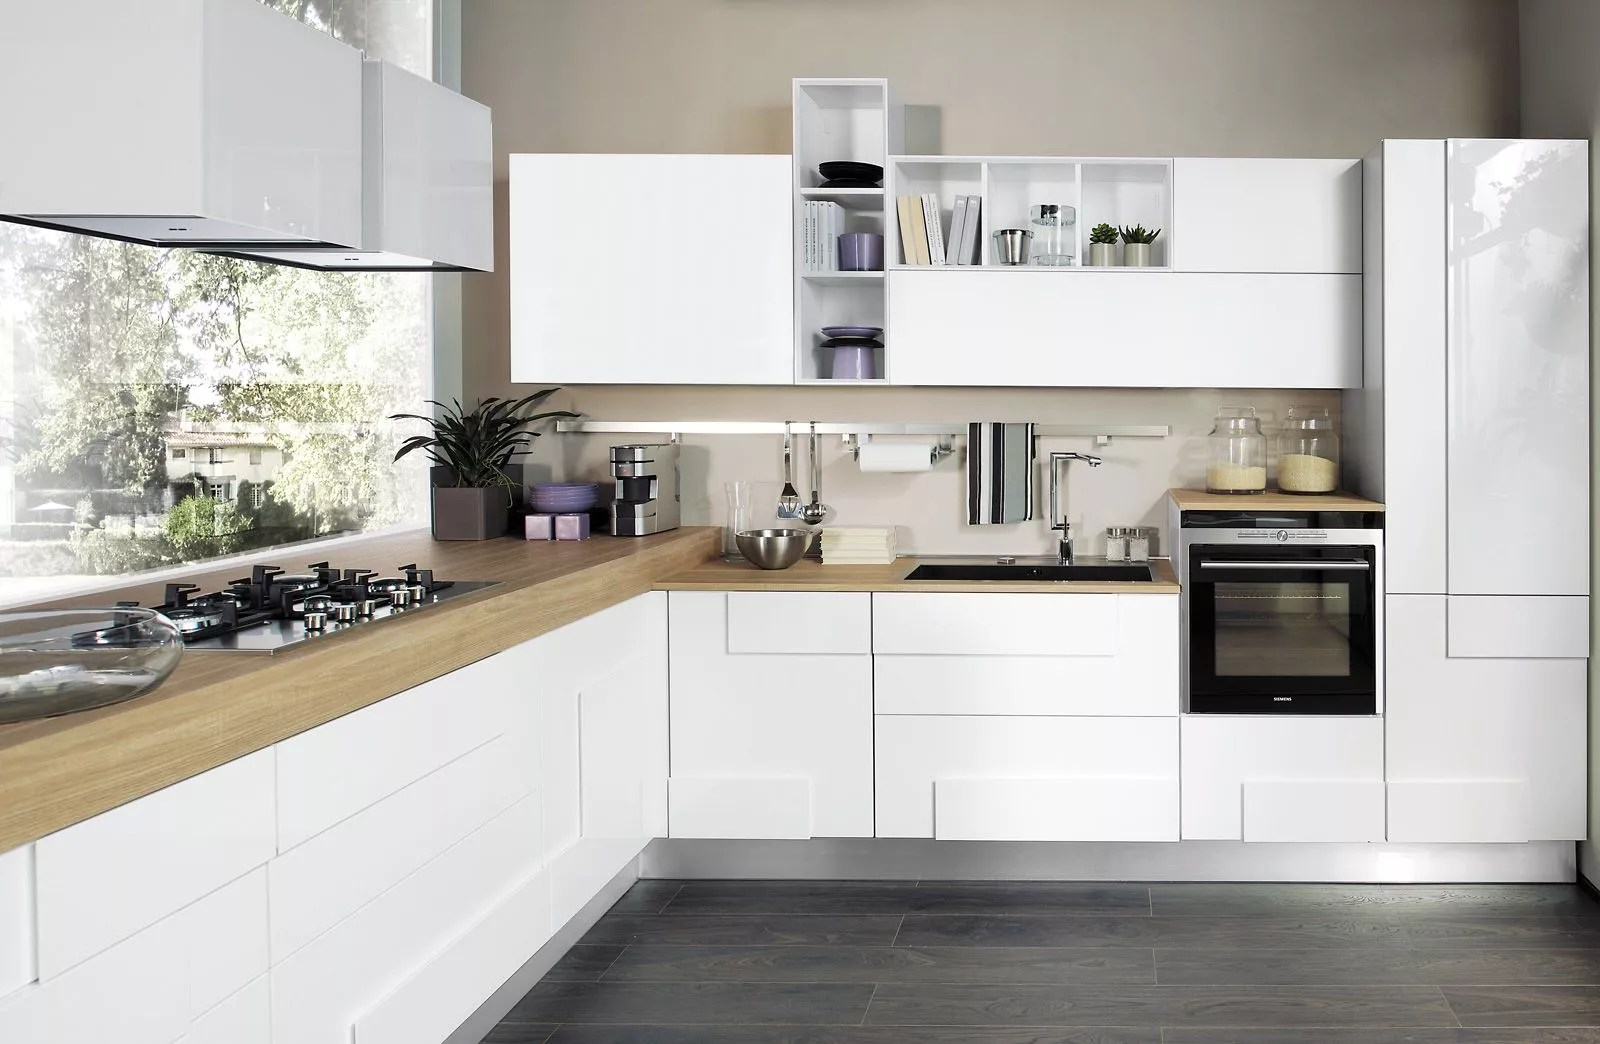 Cucina bianca 5 soluzioni per arredare proposti da Lube